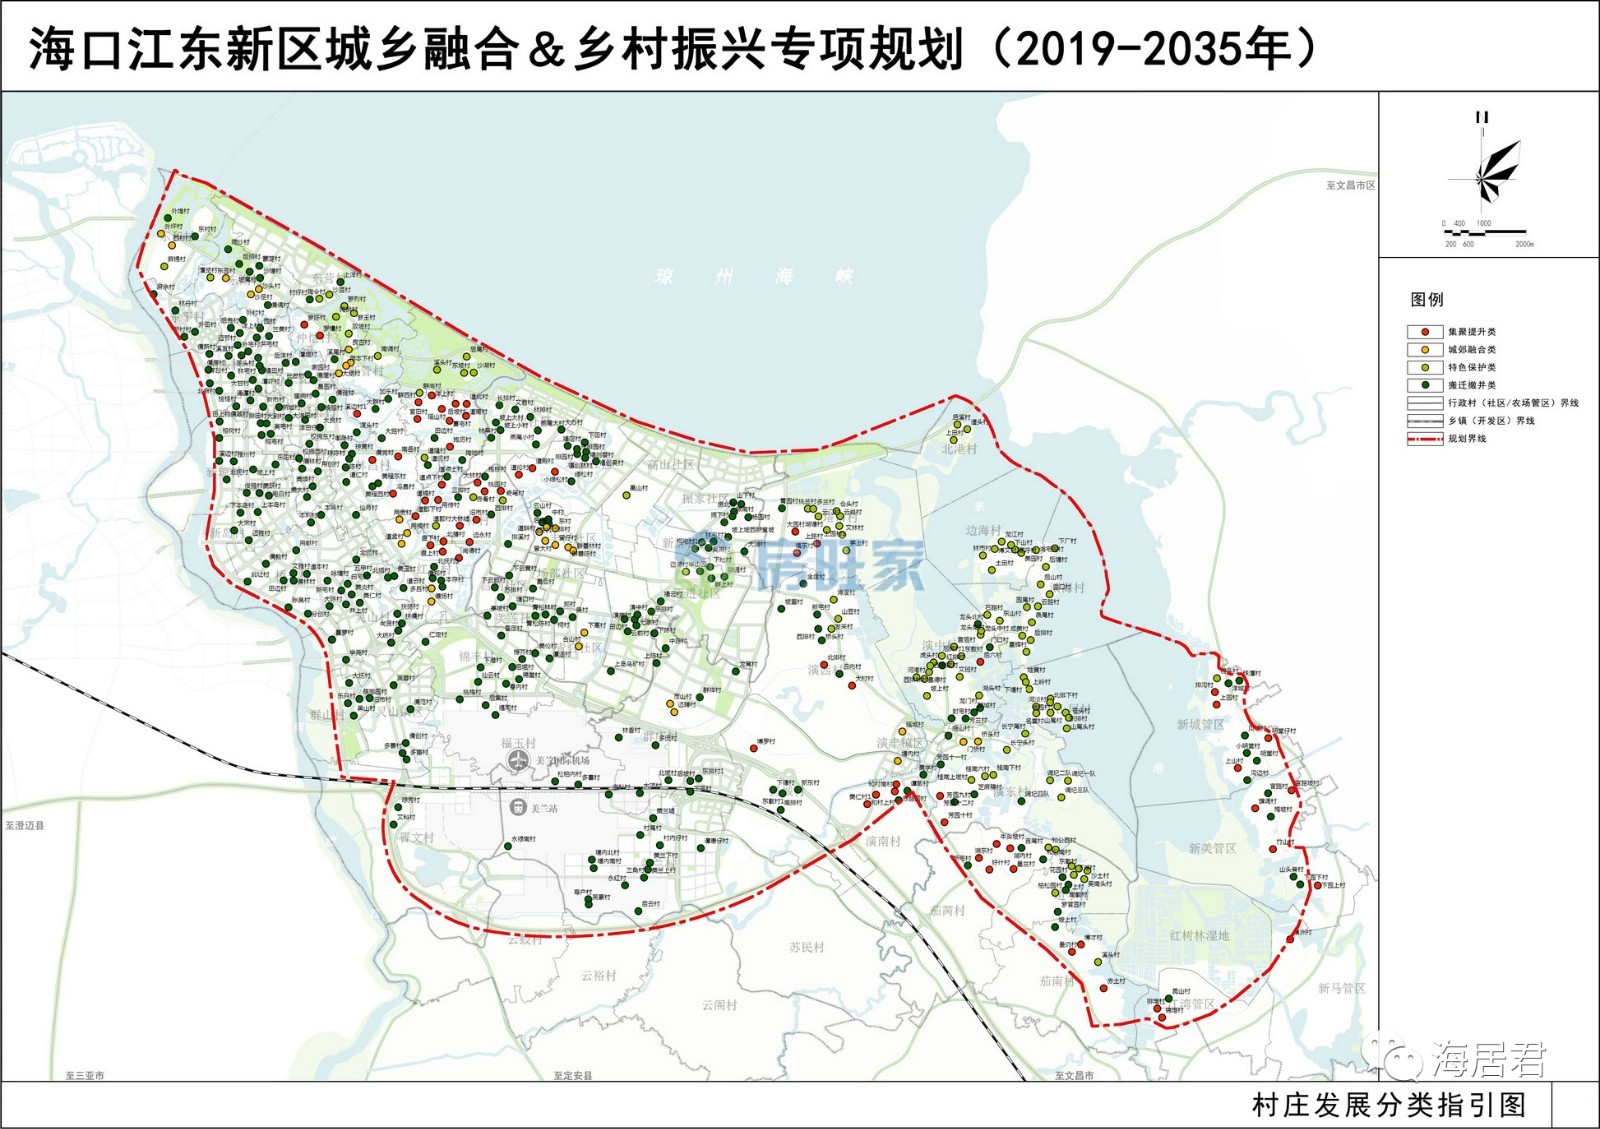 海口江东新区城乡融合&乡村振兴专项规划村庄发展分类指引图